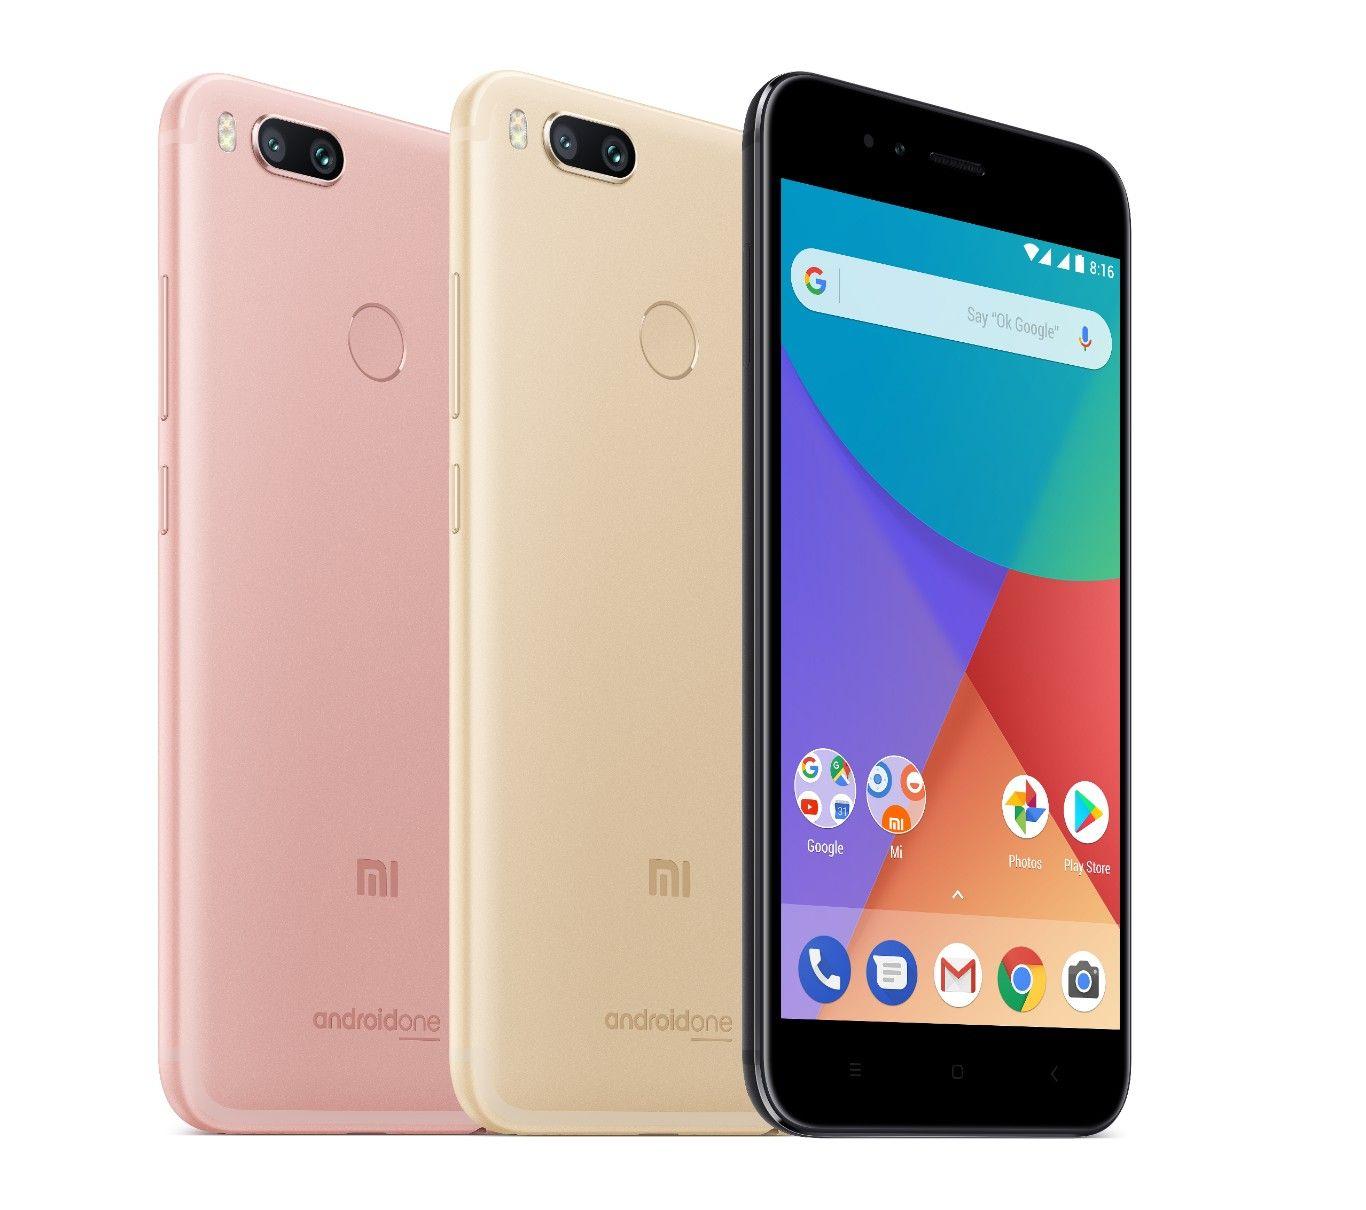 Four Xiaomi Apps Come PreInstalled On The Xiaomi Mi A1